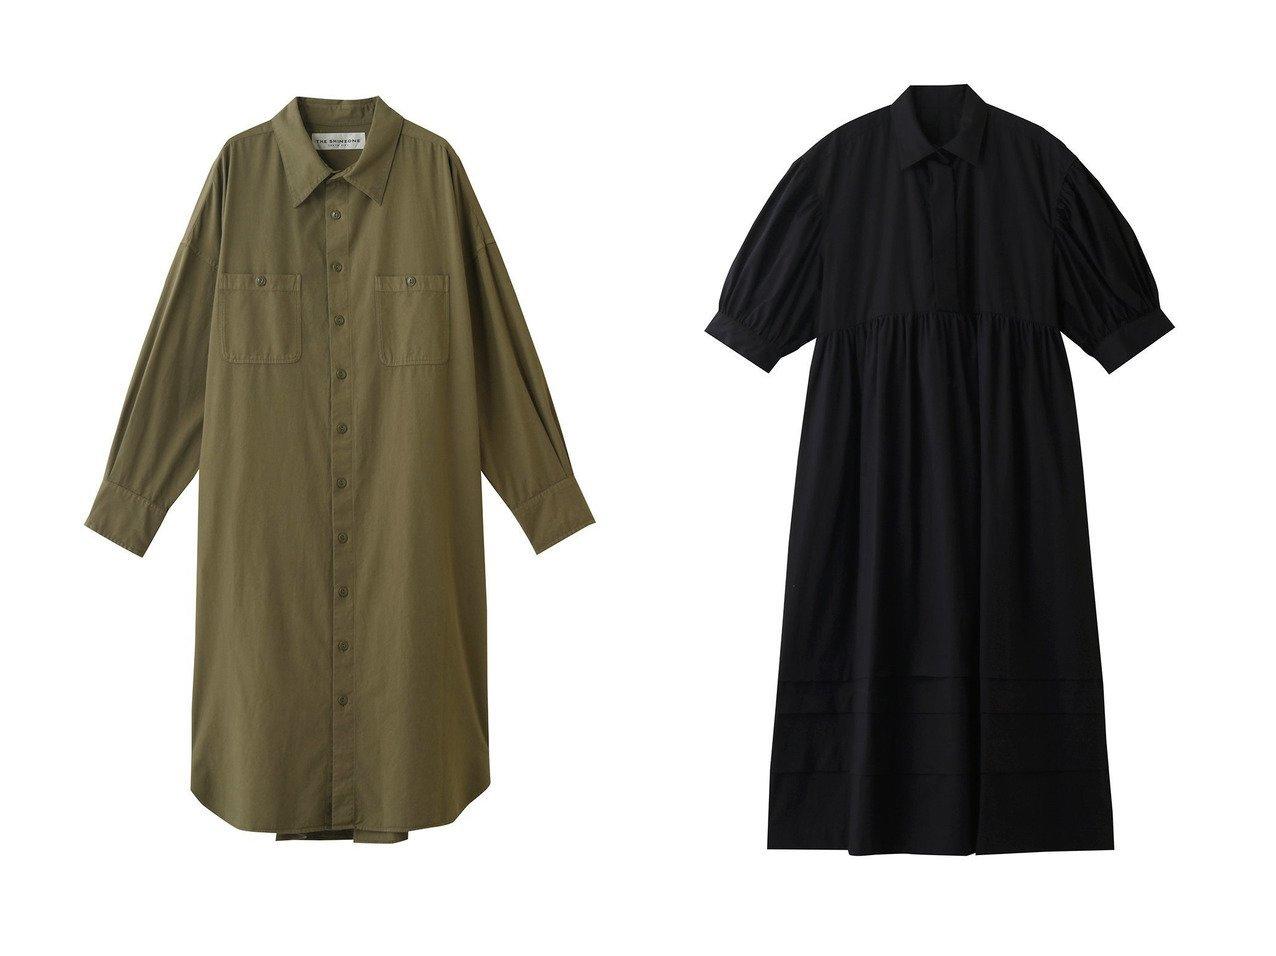 【Shinzone/シンゾーン】のミリタリーシャツワンピース&マッケンジードレス 【ワンピース・ドレス】おすすめ!人気、トレンド・レディースファッションの通販 おすすめで人気の流行・トレンド、ファッションの通販商品 インテリア・家具・メンズファッション・キッズファッション・レディースファッション・服の通販 founy(ファニー) https://founy.com/ ファッション Fashion レディースファッション WOMEN ワンピース Dress シャツワンピース Shirt Dresses チュニック Tunic ドレス Party Dresses 2020年 2020 2020-2021秋冬・A/W AW・Autumn/Winter・FW・Fall-Winter/2020-2021 2021年 2021 2021-2022秋冬・A/W AW・Autumn/Winter・FW・Fall-Winter・2021-2022 A/W・秋冬 AW・Autumn/Winter・FW・Fall-Winter チュニック ヘムライン ロング ギャザー シンプル スリーブ ドレス  ID:crp329100000060589